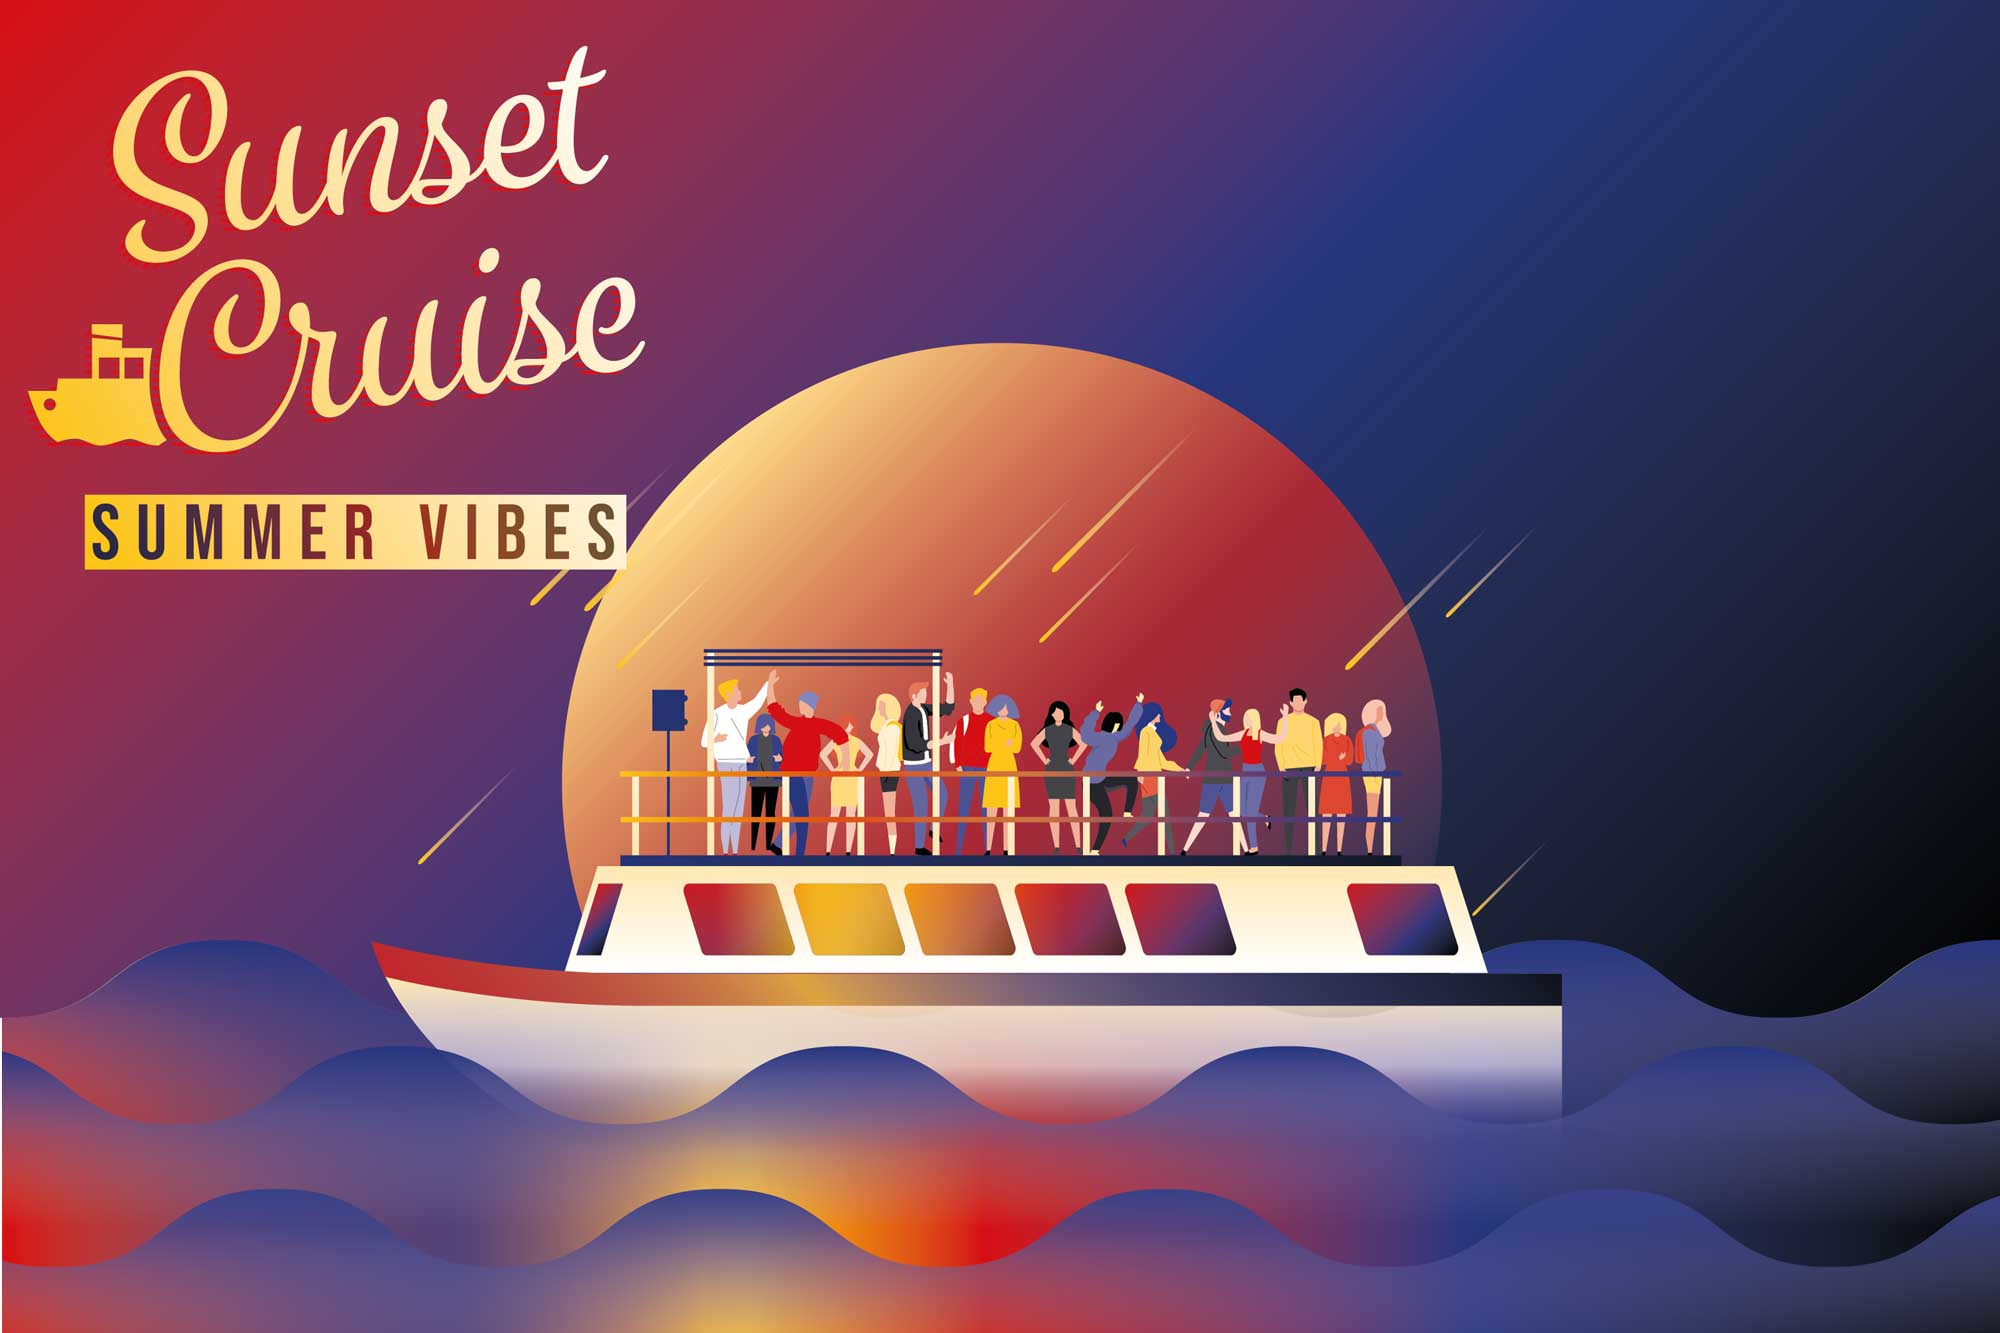 Sunset Cruise 2019